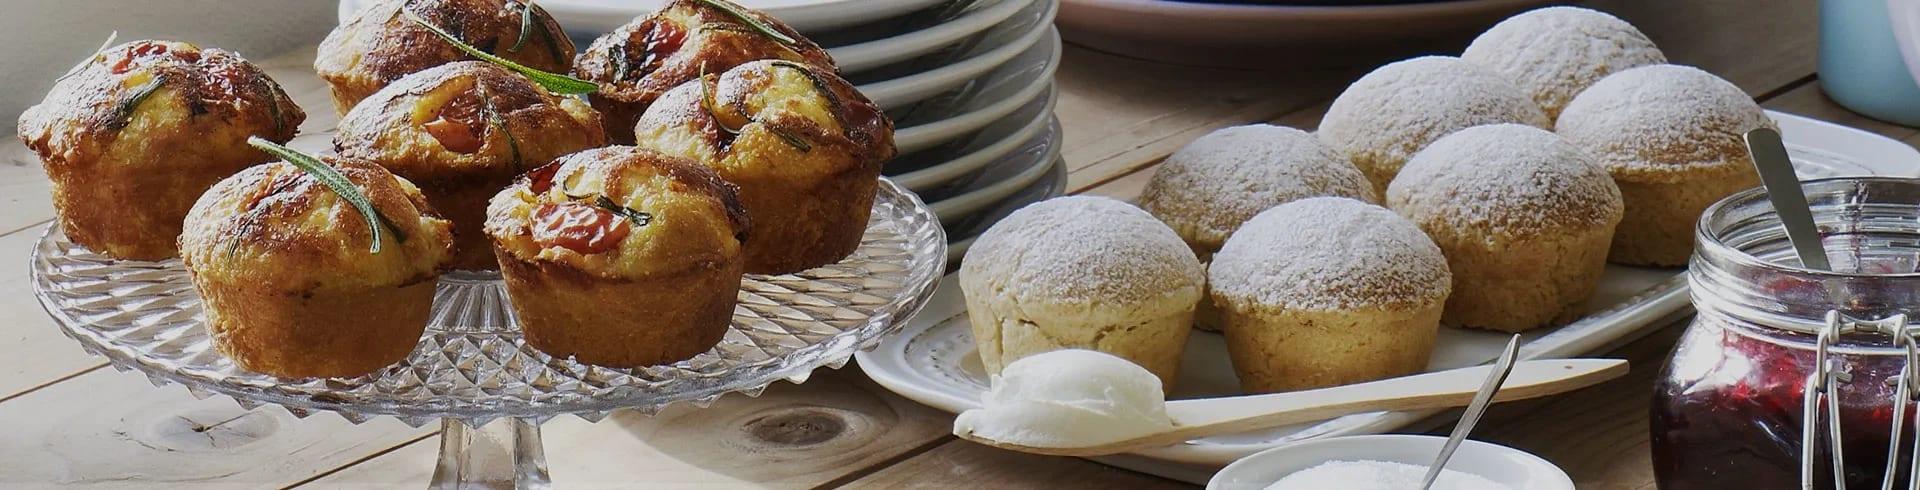 muffins i micro recept